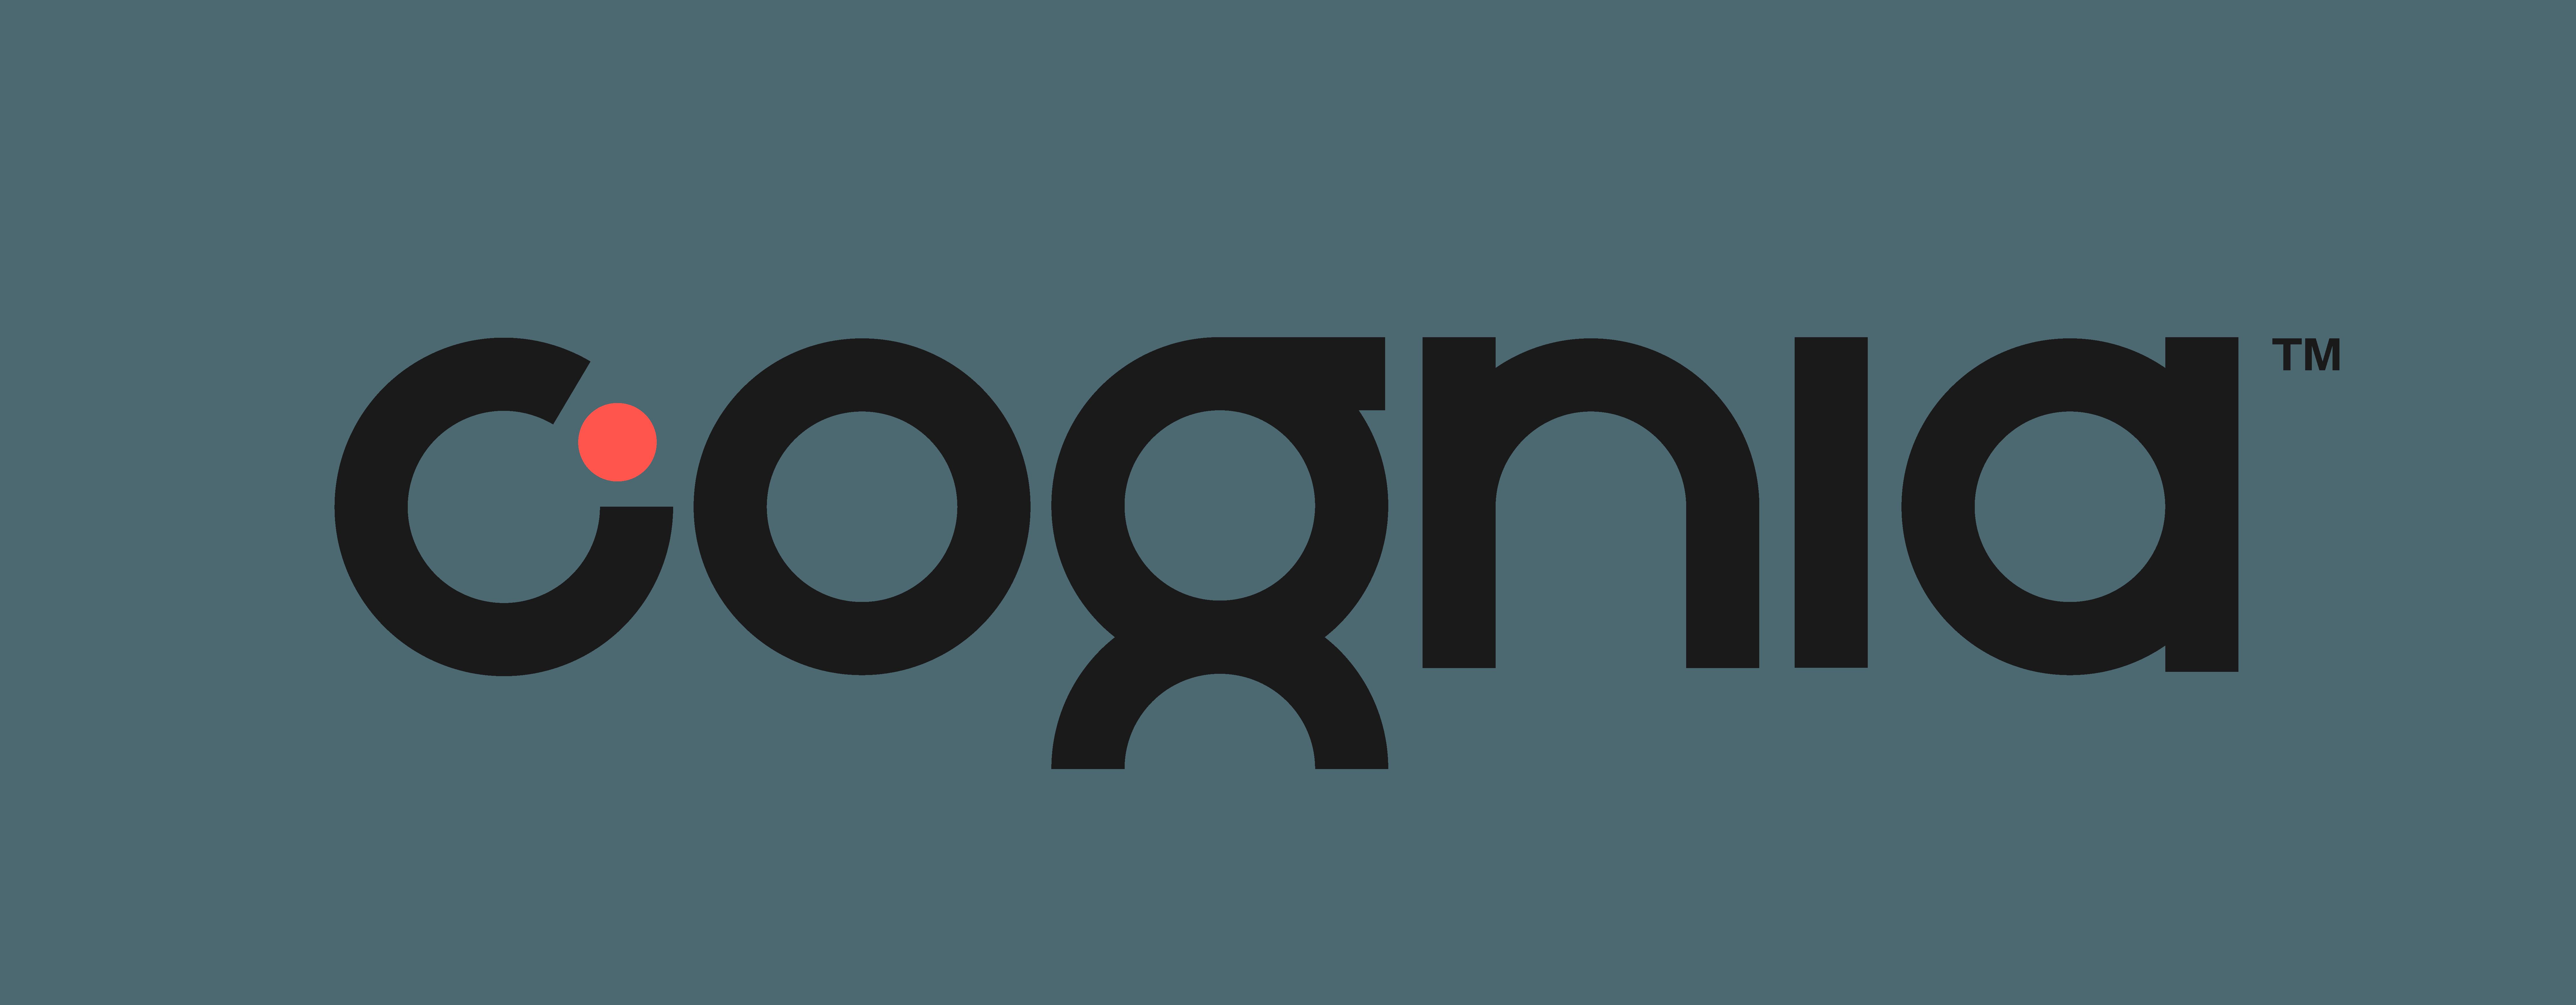 cognia_rgb_logotype_fullcolor